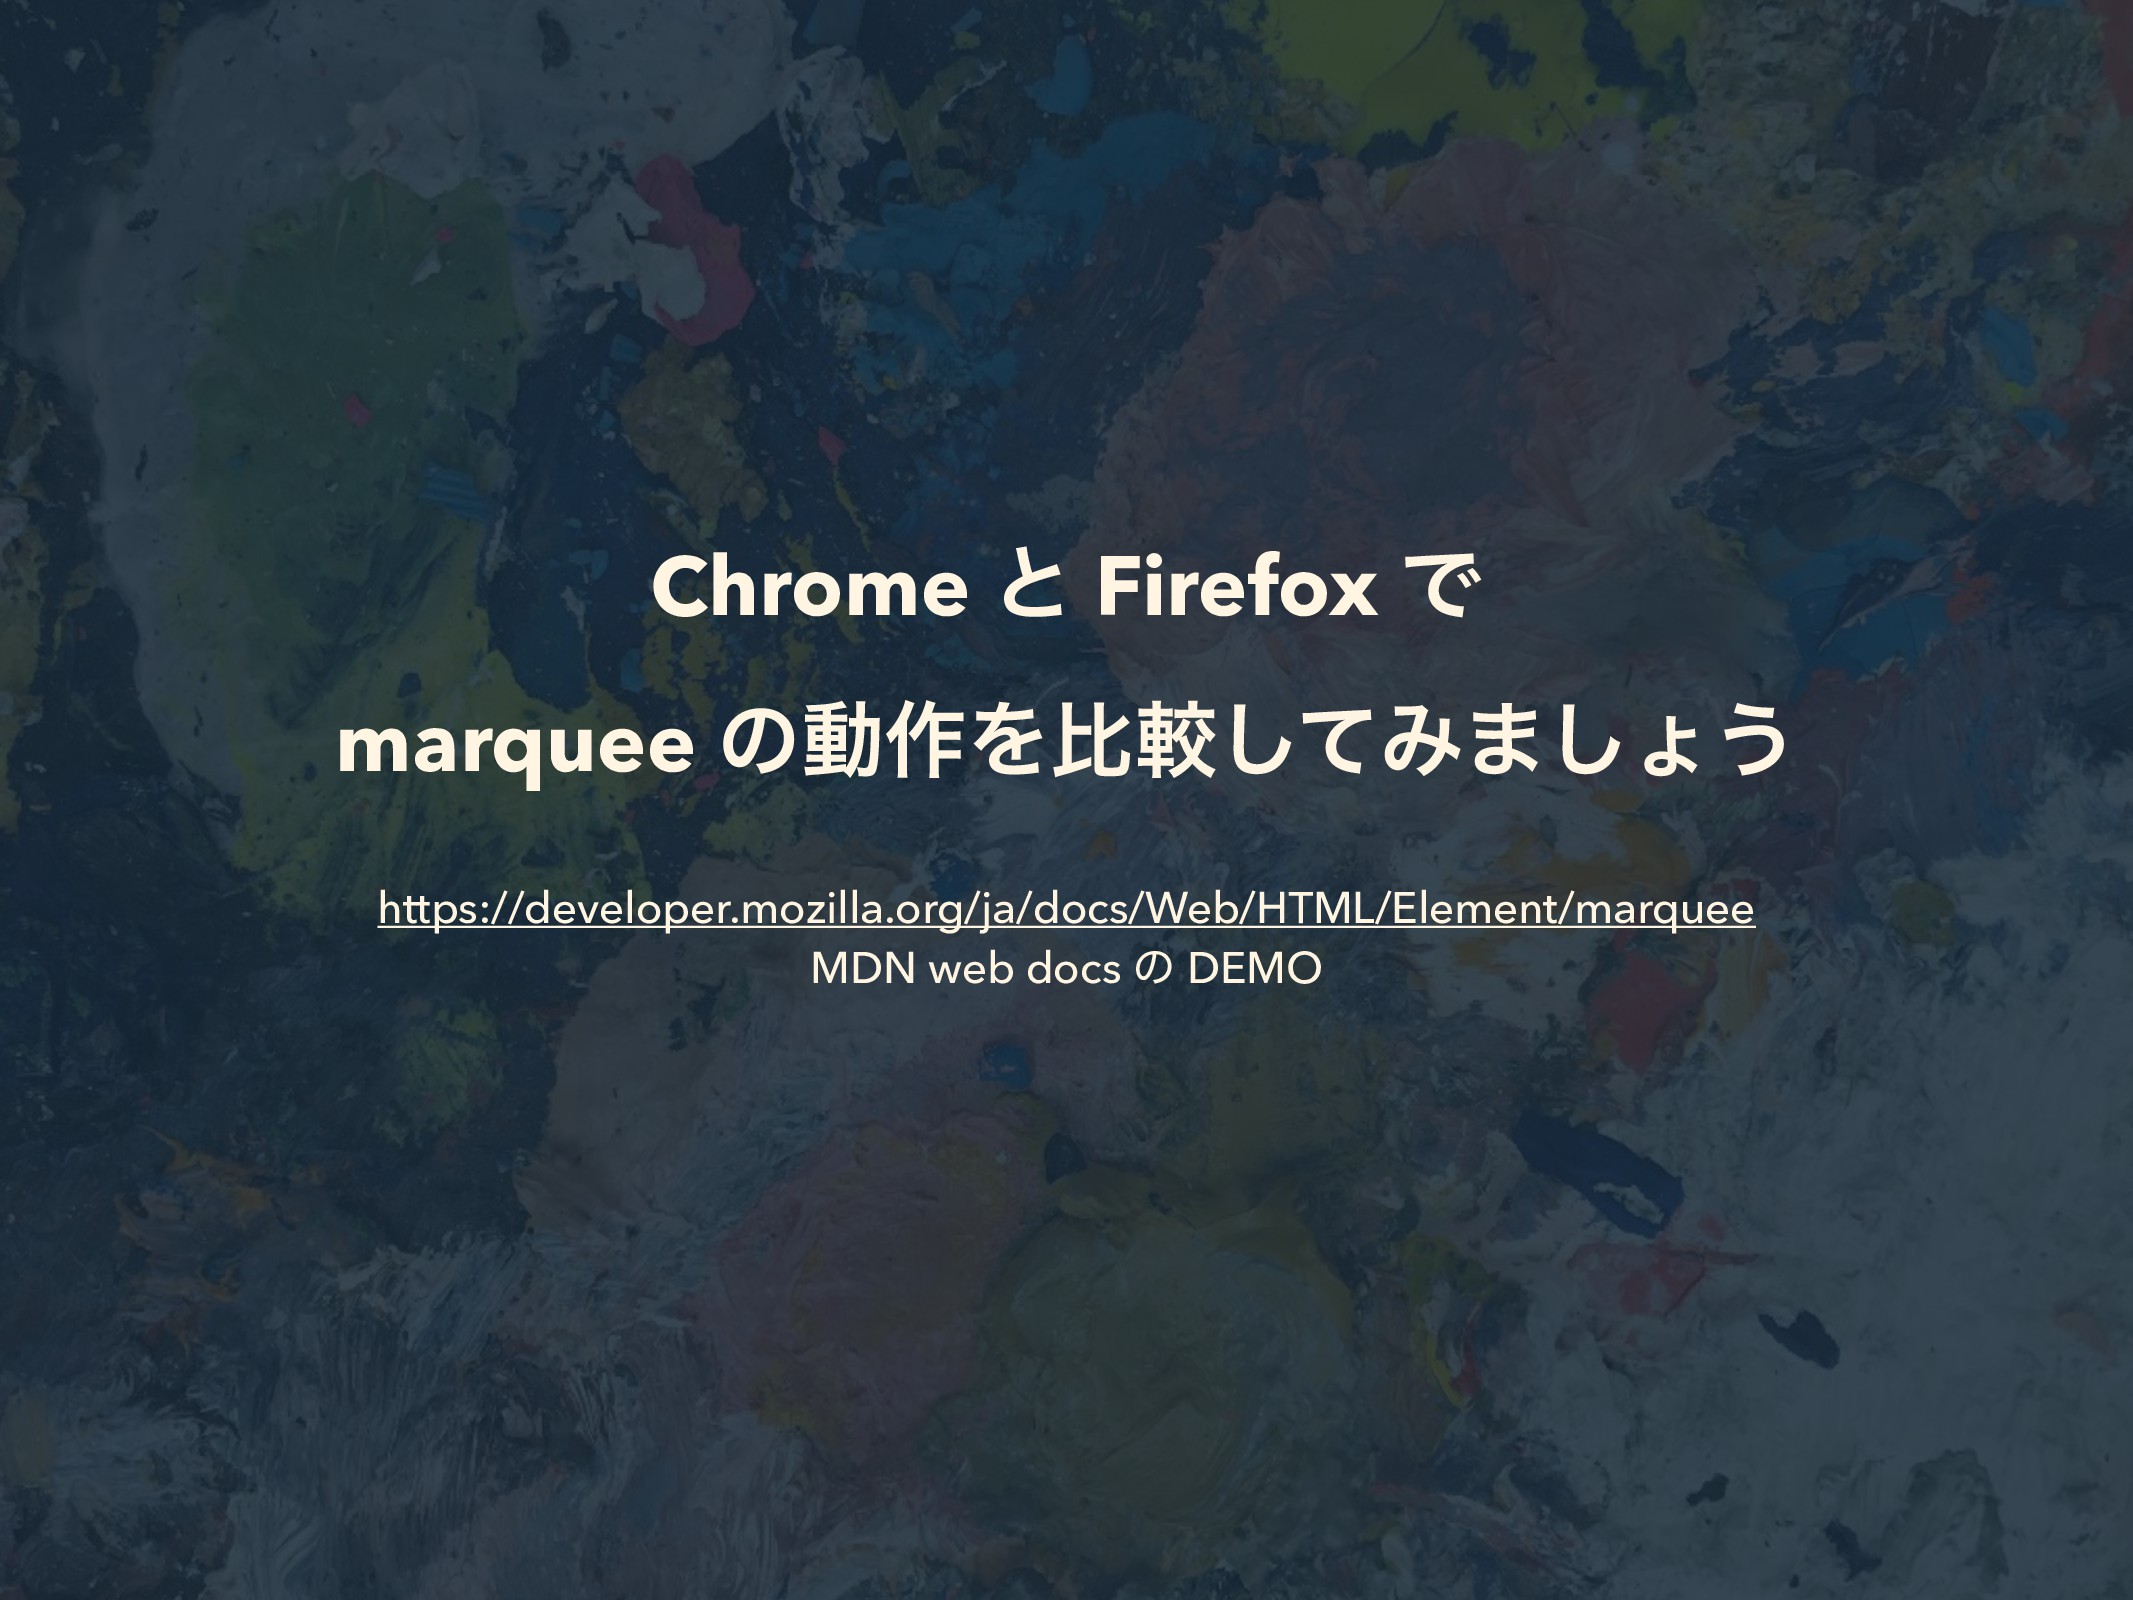 Chrome ͱ Firefox Ͱ marquee ͷಈ࡞Λൺֱͯ͠Έ·͠ΐ͏ https:...